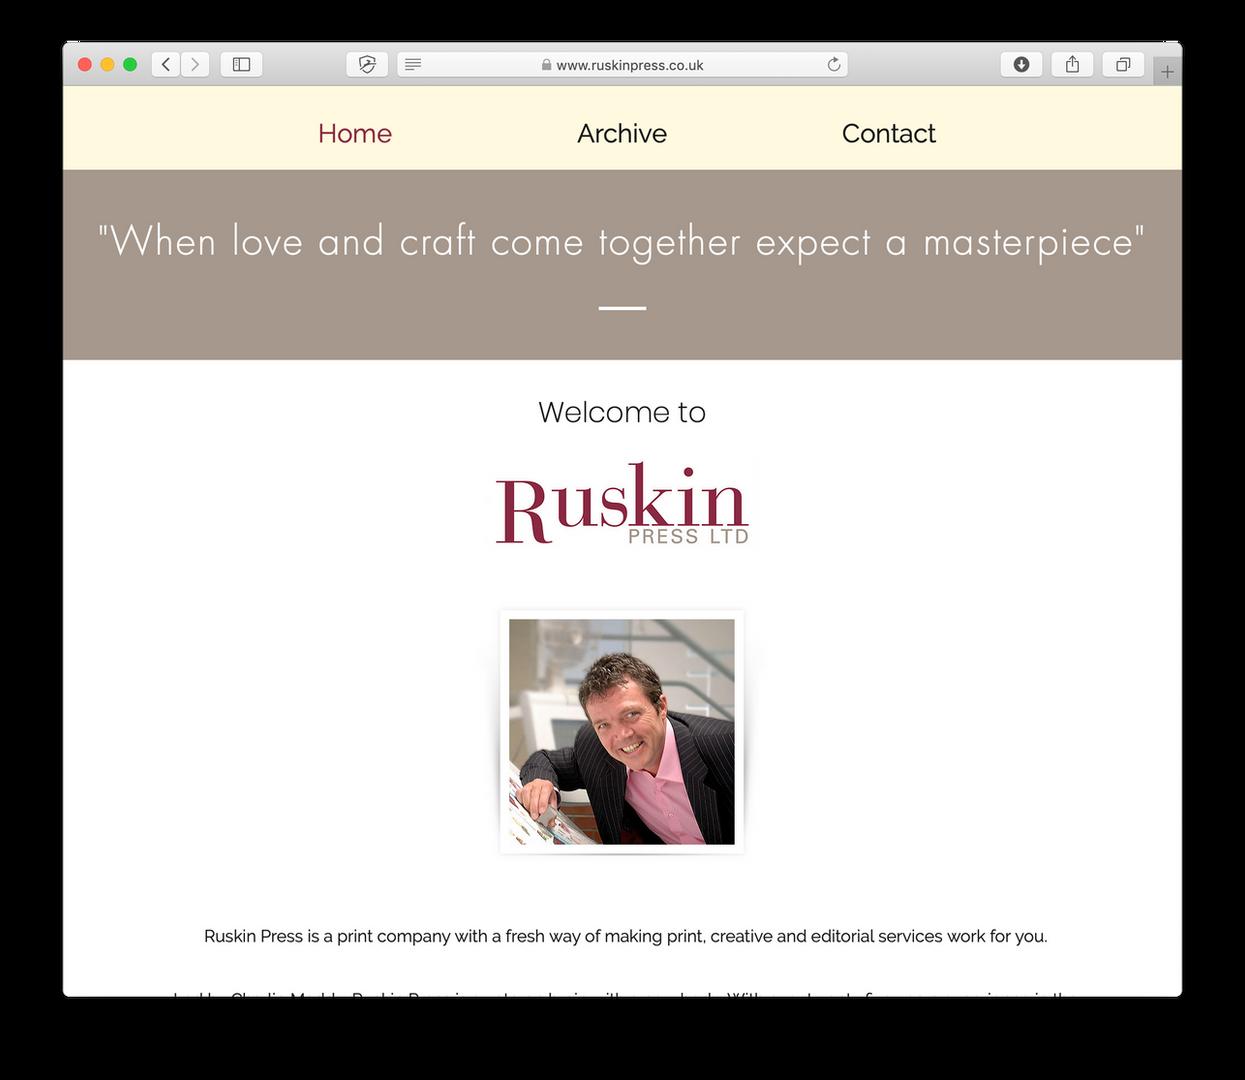 Client - Ruskin Press Ltd